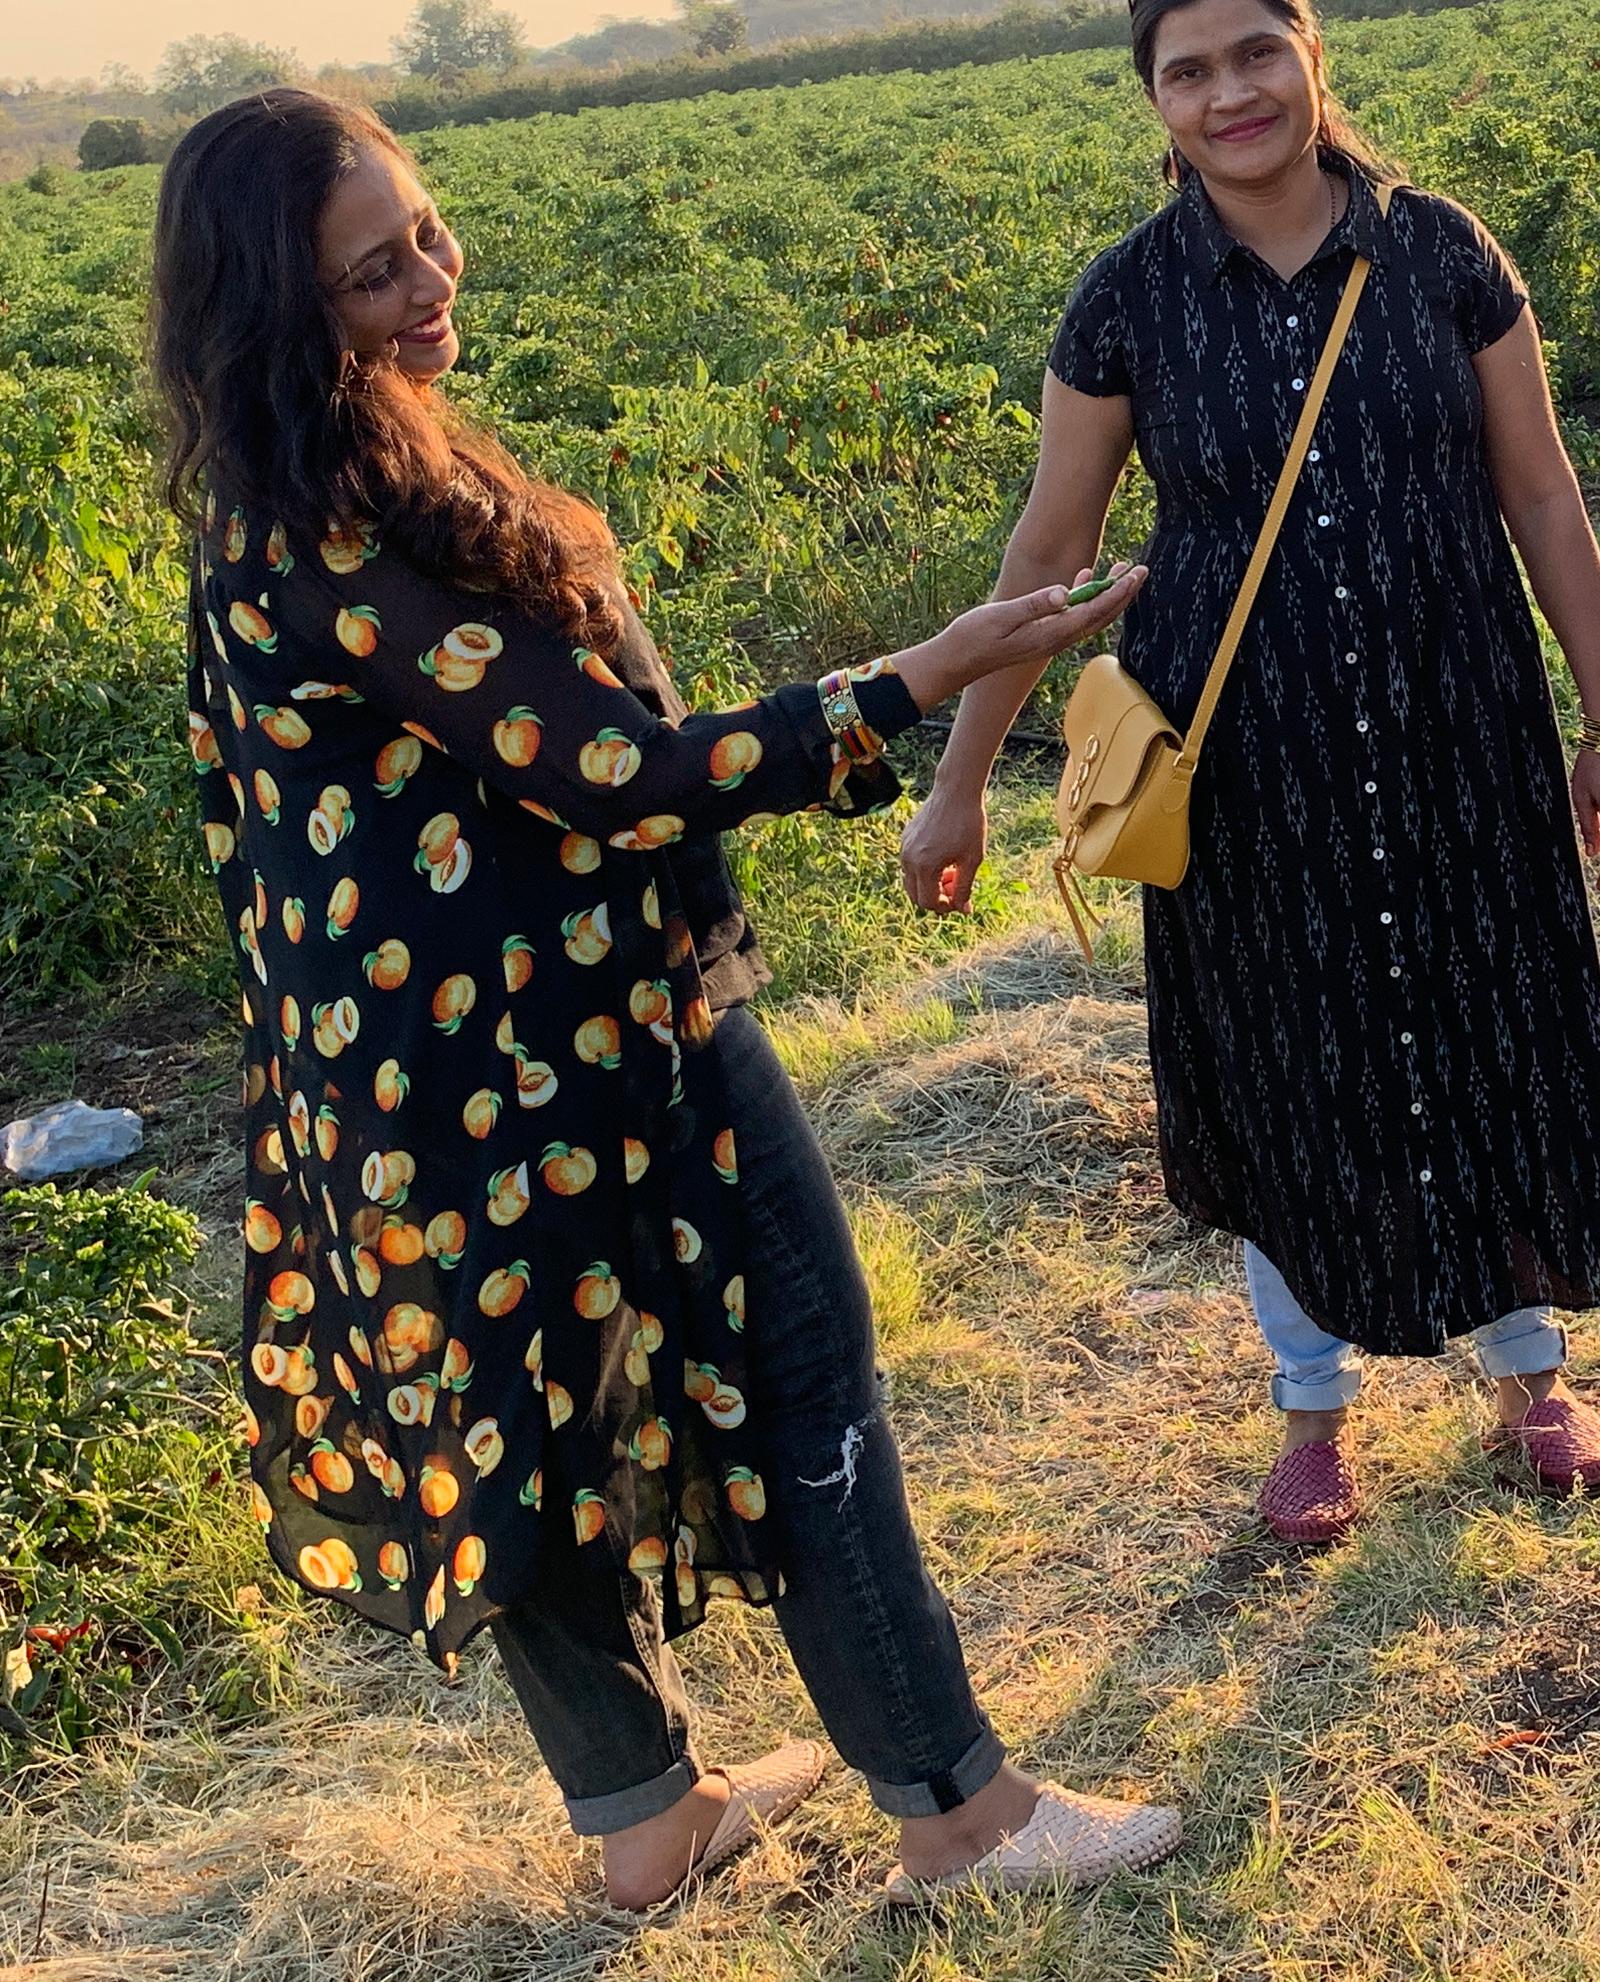 Handgjorda tofflor från Indien